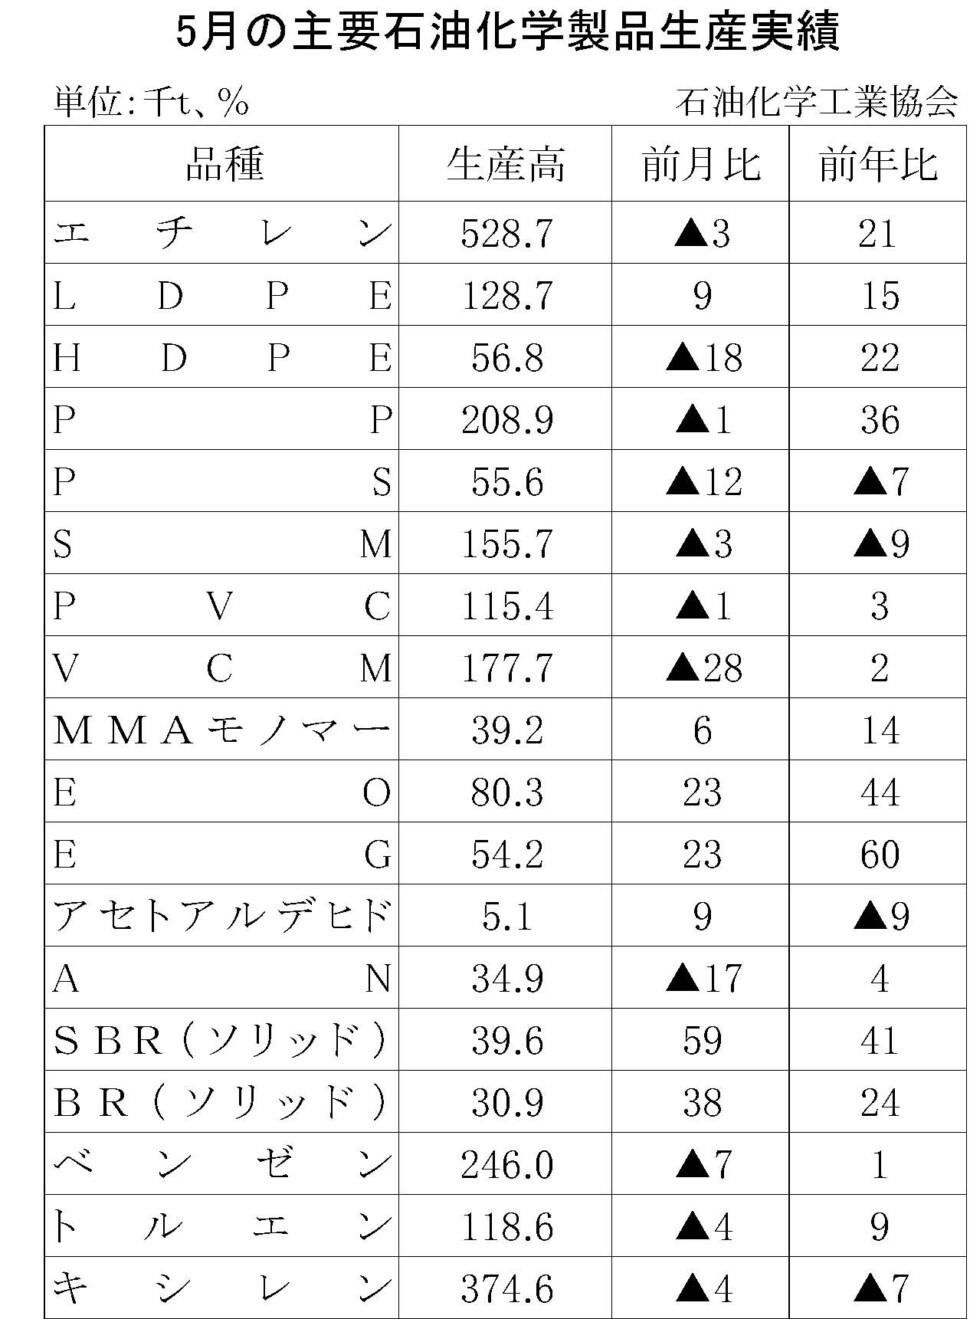 12-17-(年間使用)主要石油化学製品生産実績